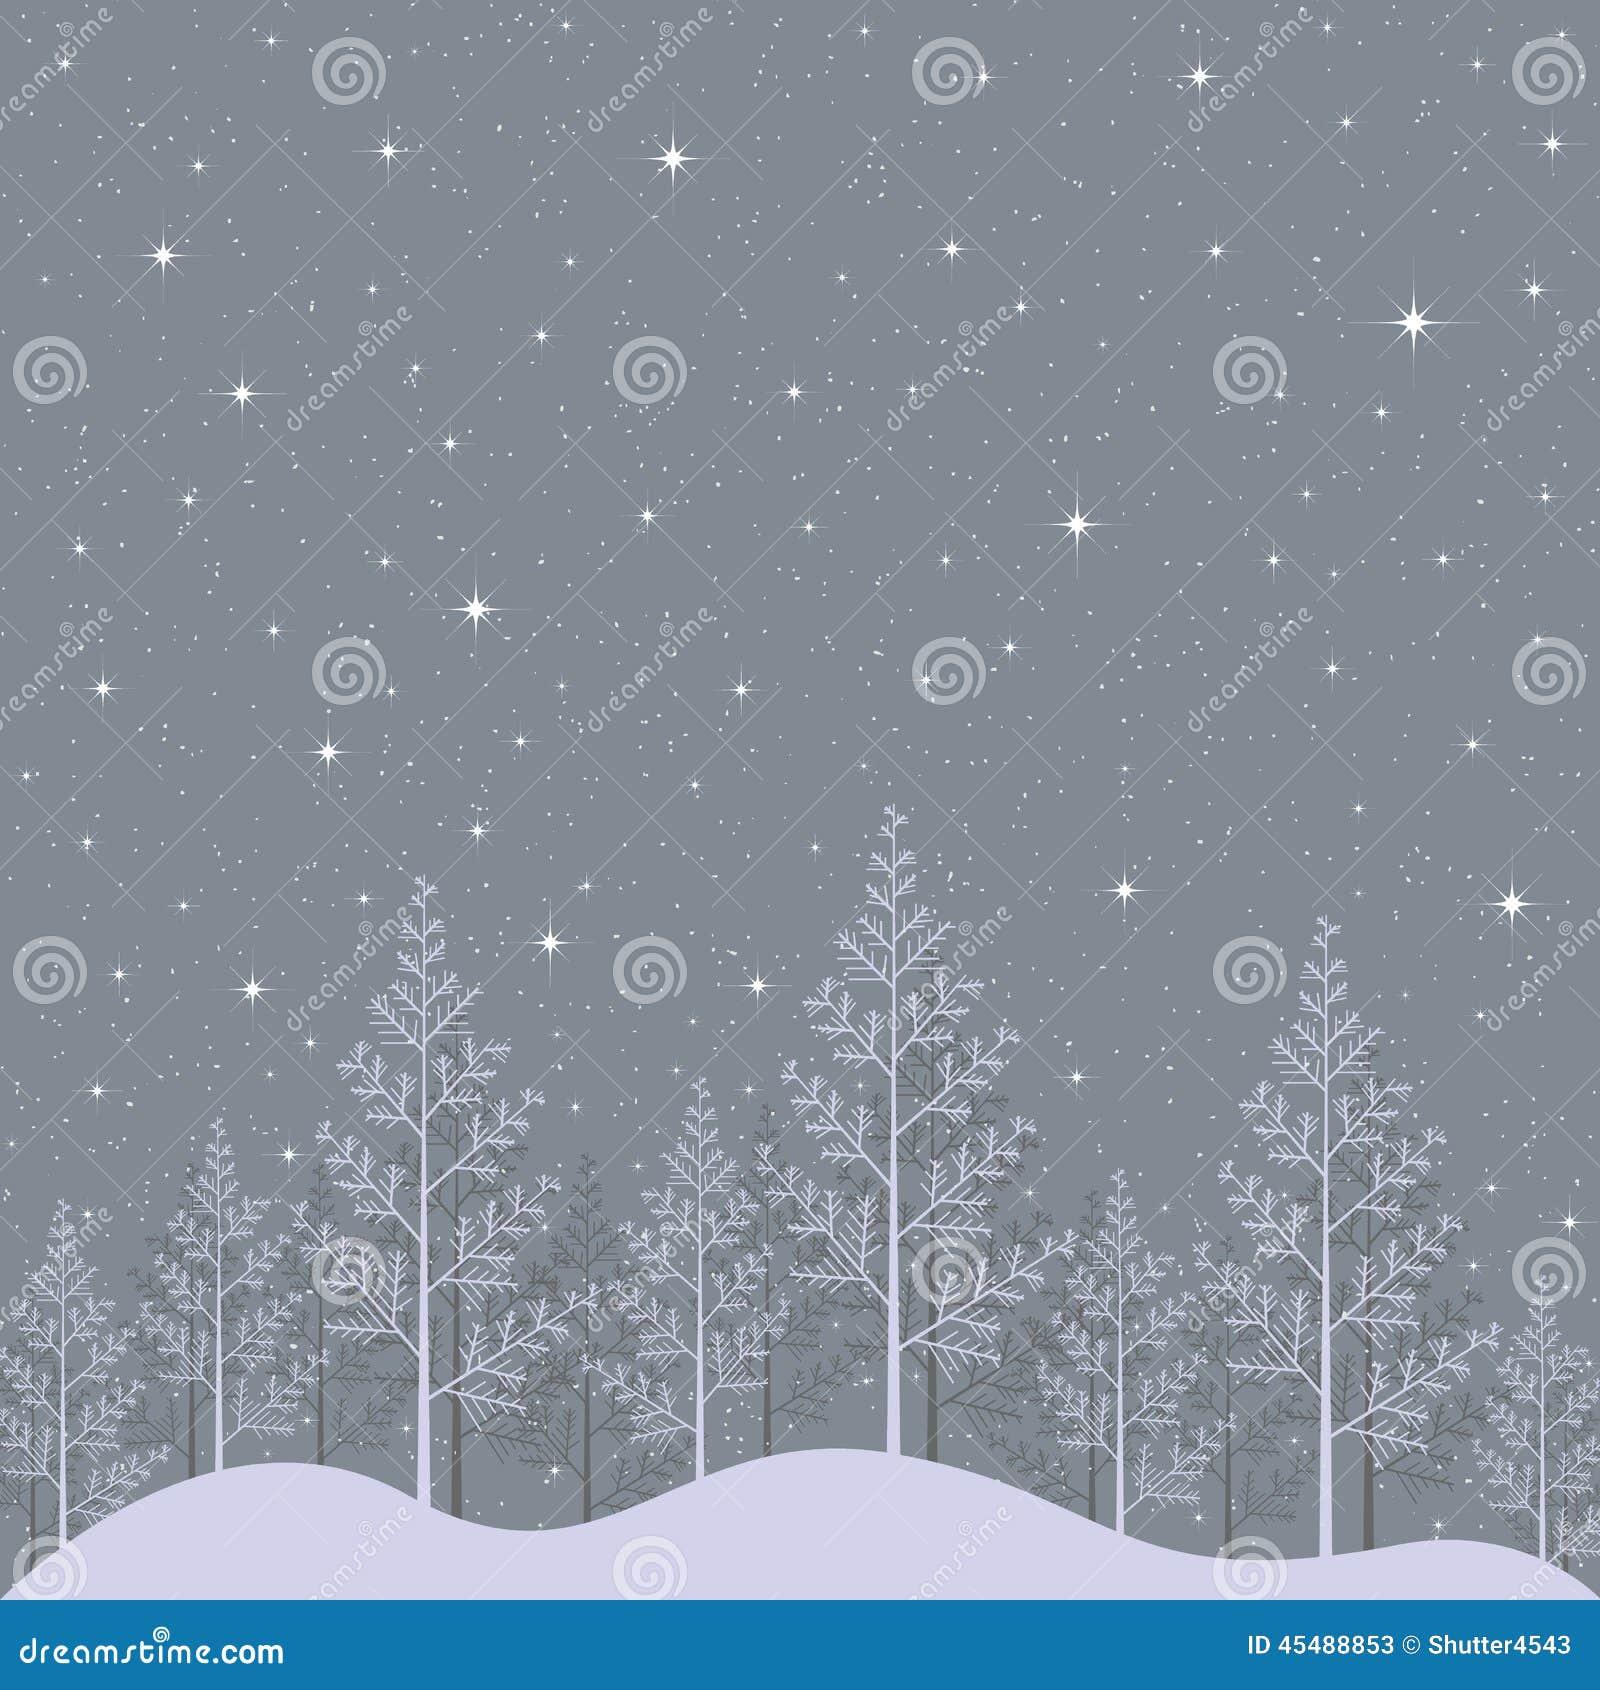 满天星斗的冬天夜风景例证